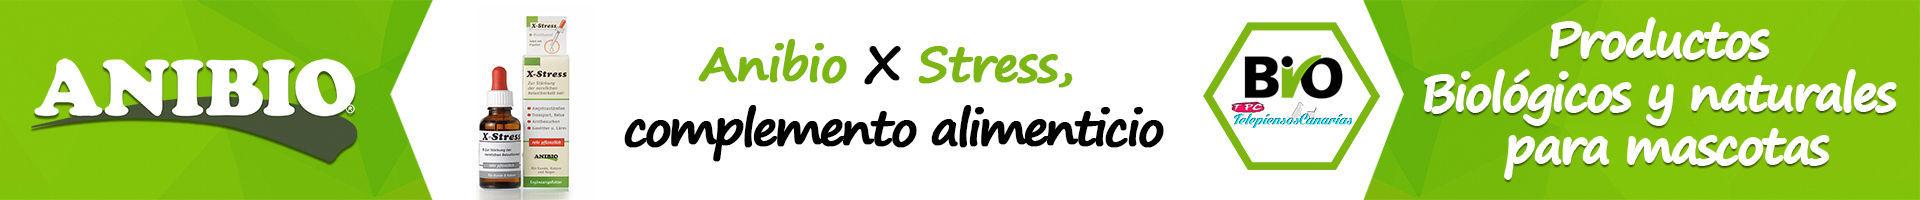 Anibio x stress, comportamiento equilibrado en perros y gatos